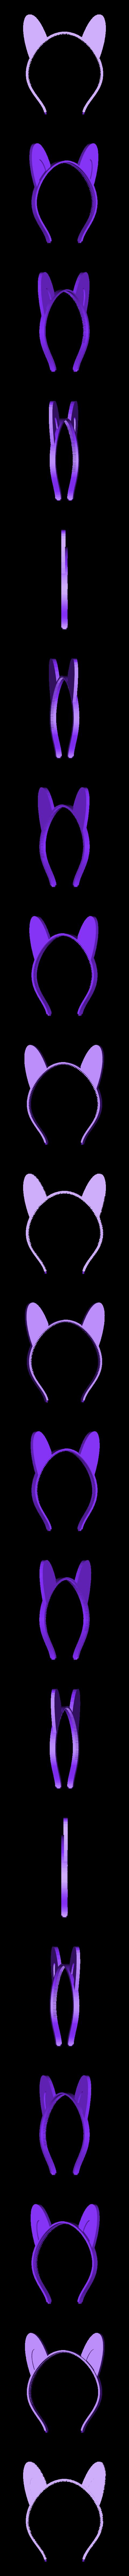 ears-long.stl Télécharger fichier STL gratuit Bandeau oreilles d'animaux, personnalisable • Plan à imprimer en 3D, arpruss